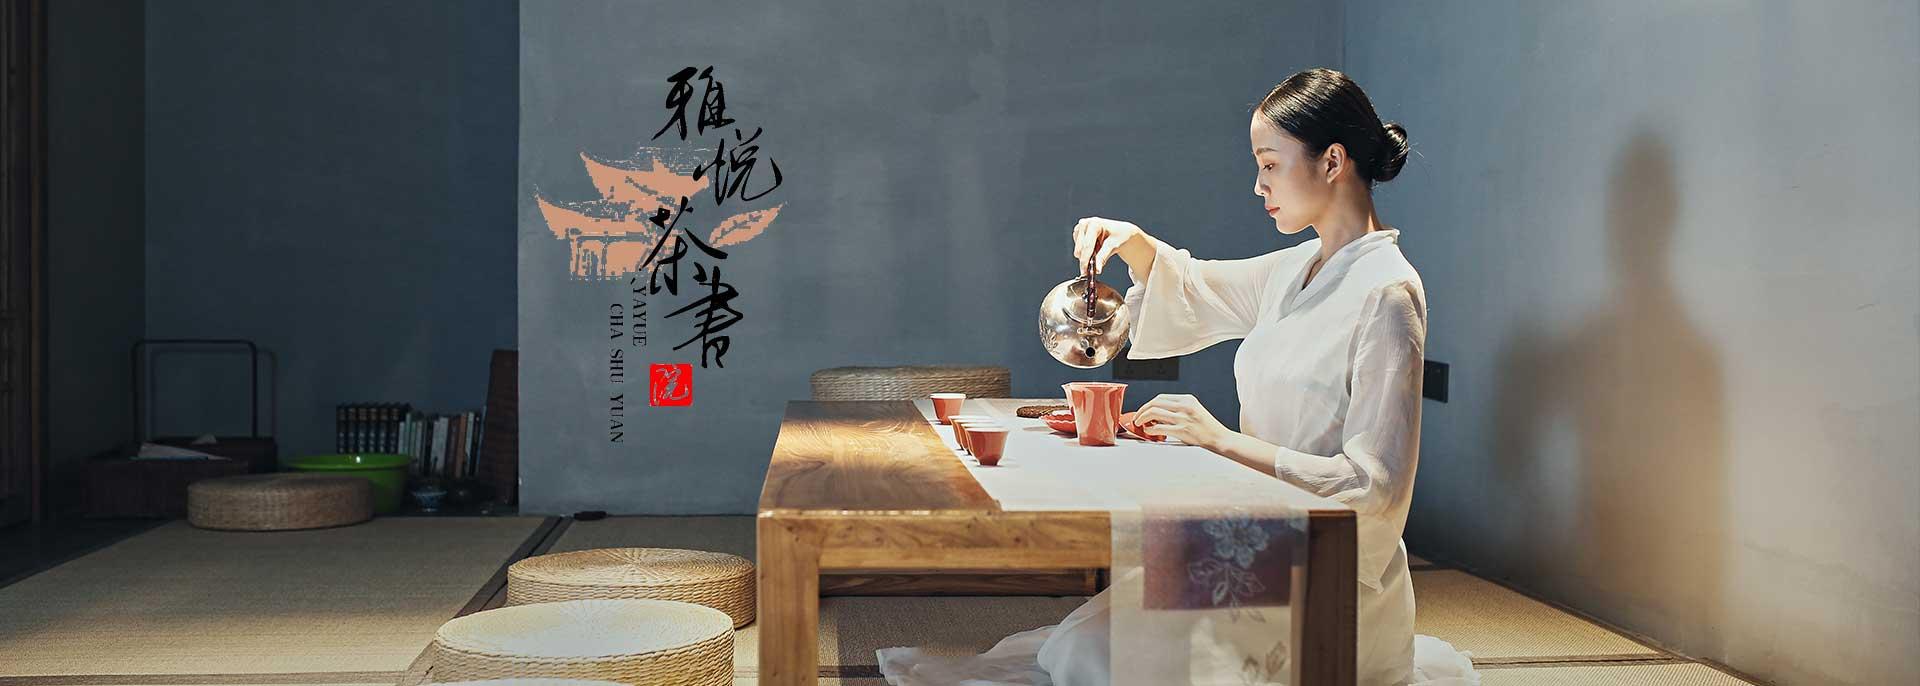 哈尔滨茶艺培训